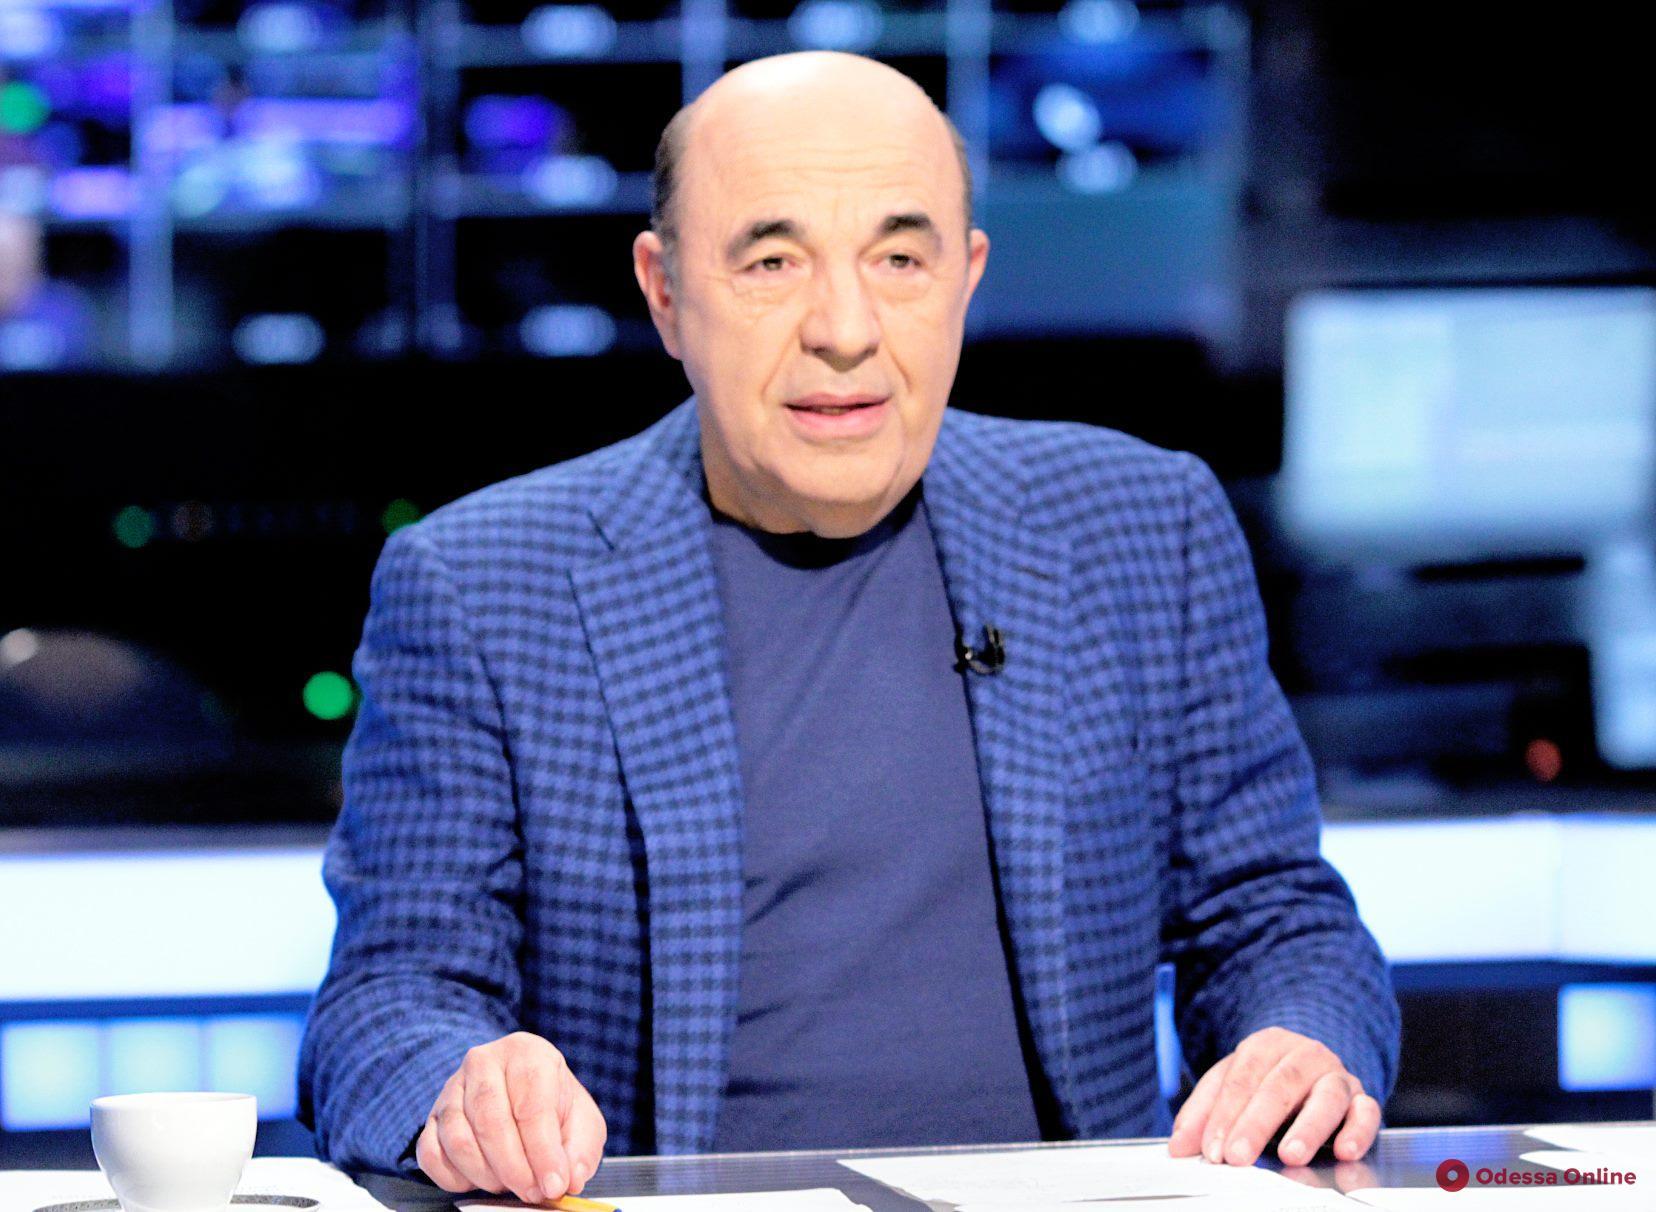 Европейские журналисты и сенаторы не позволят закрыть каналы «112 Украина» и NewsOne